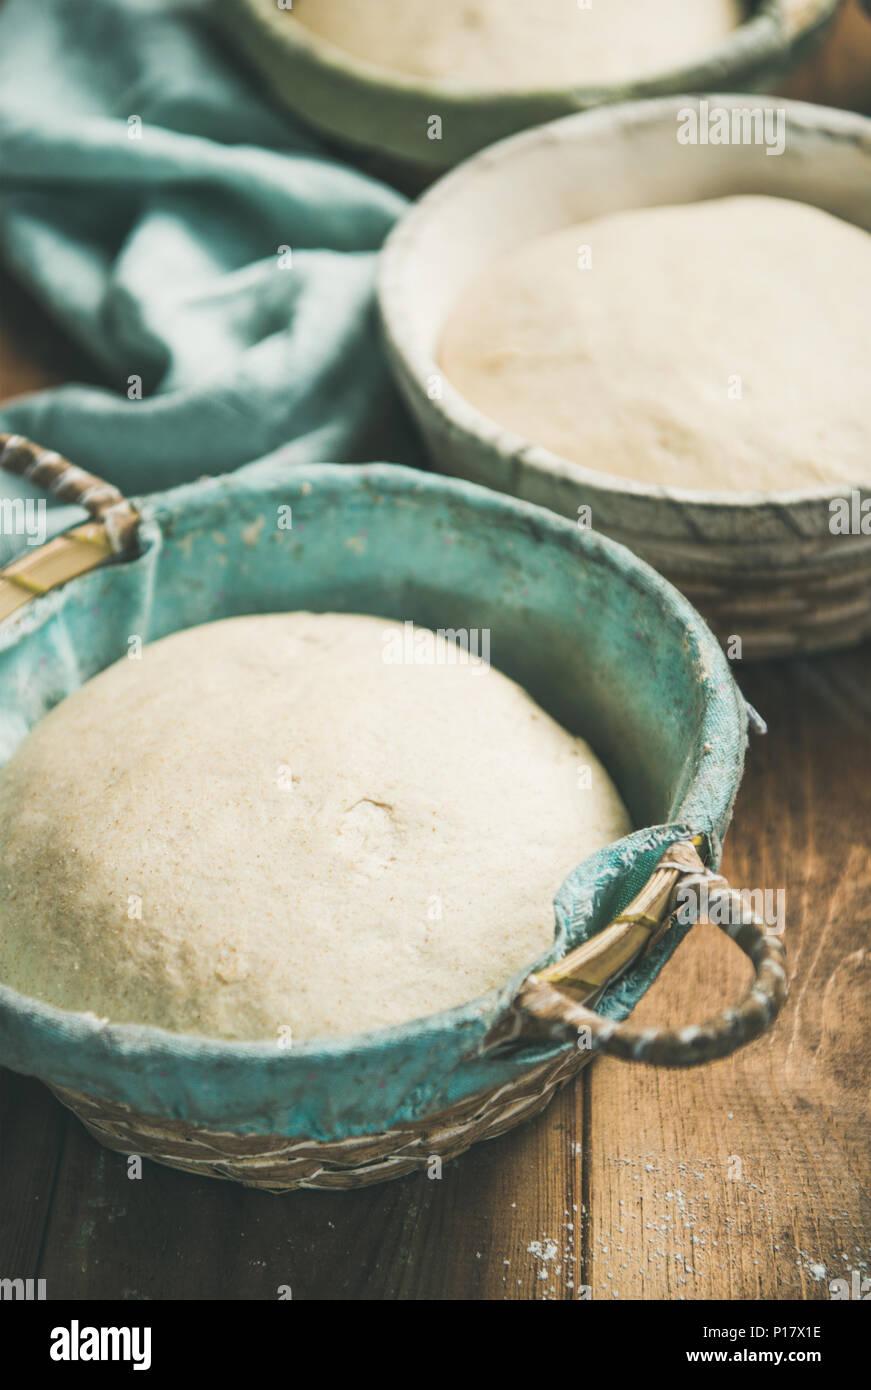 Pasta madre per cuocere il pane fatto in casa Immagini Stock